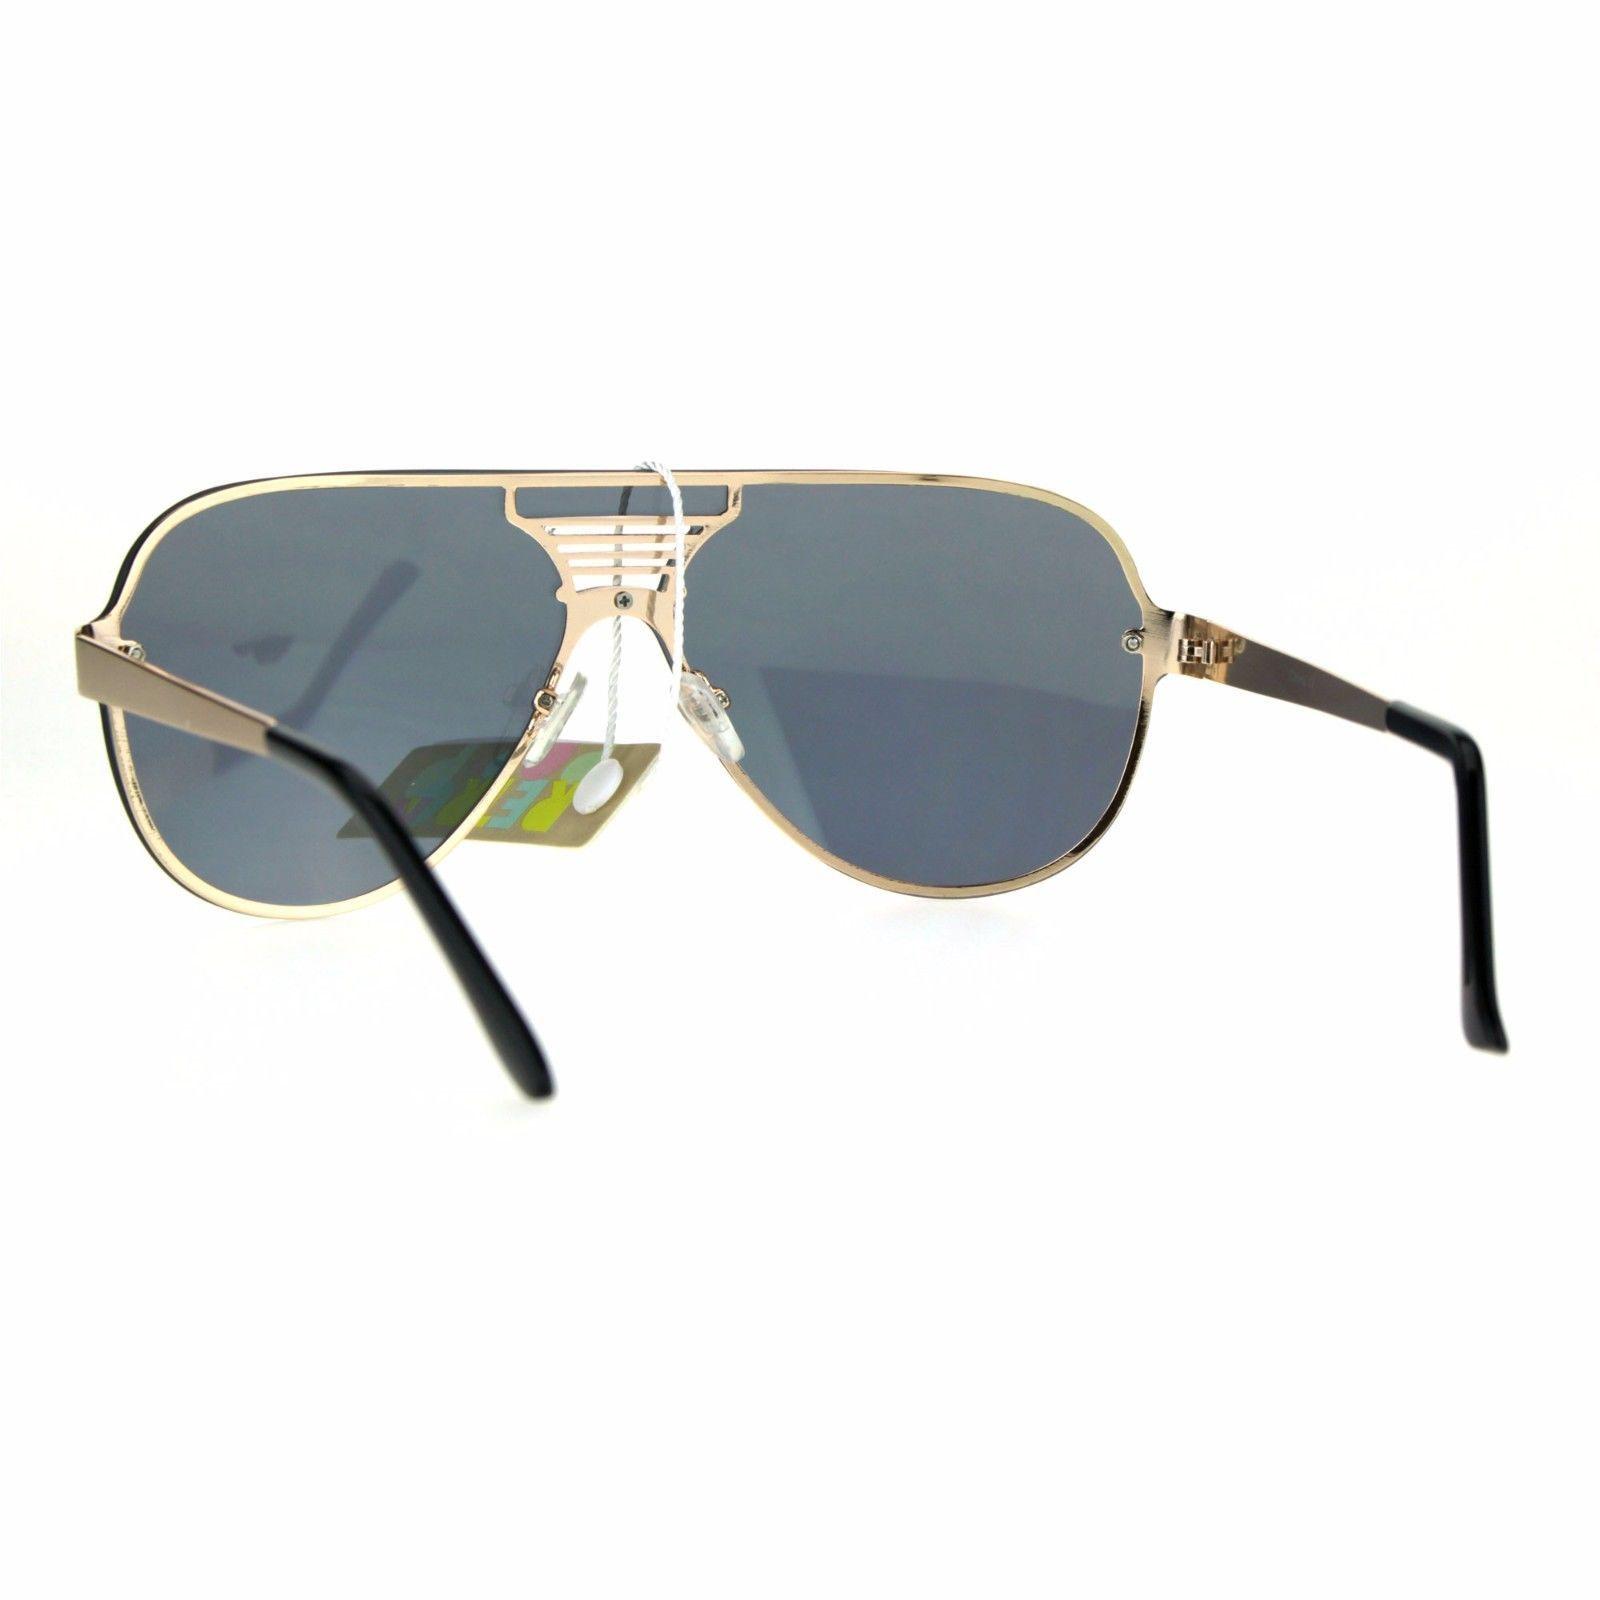 Unisex Aviator Sunglasses Full Mirrored Lens Frame Designer Fashion